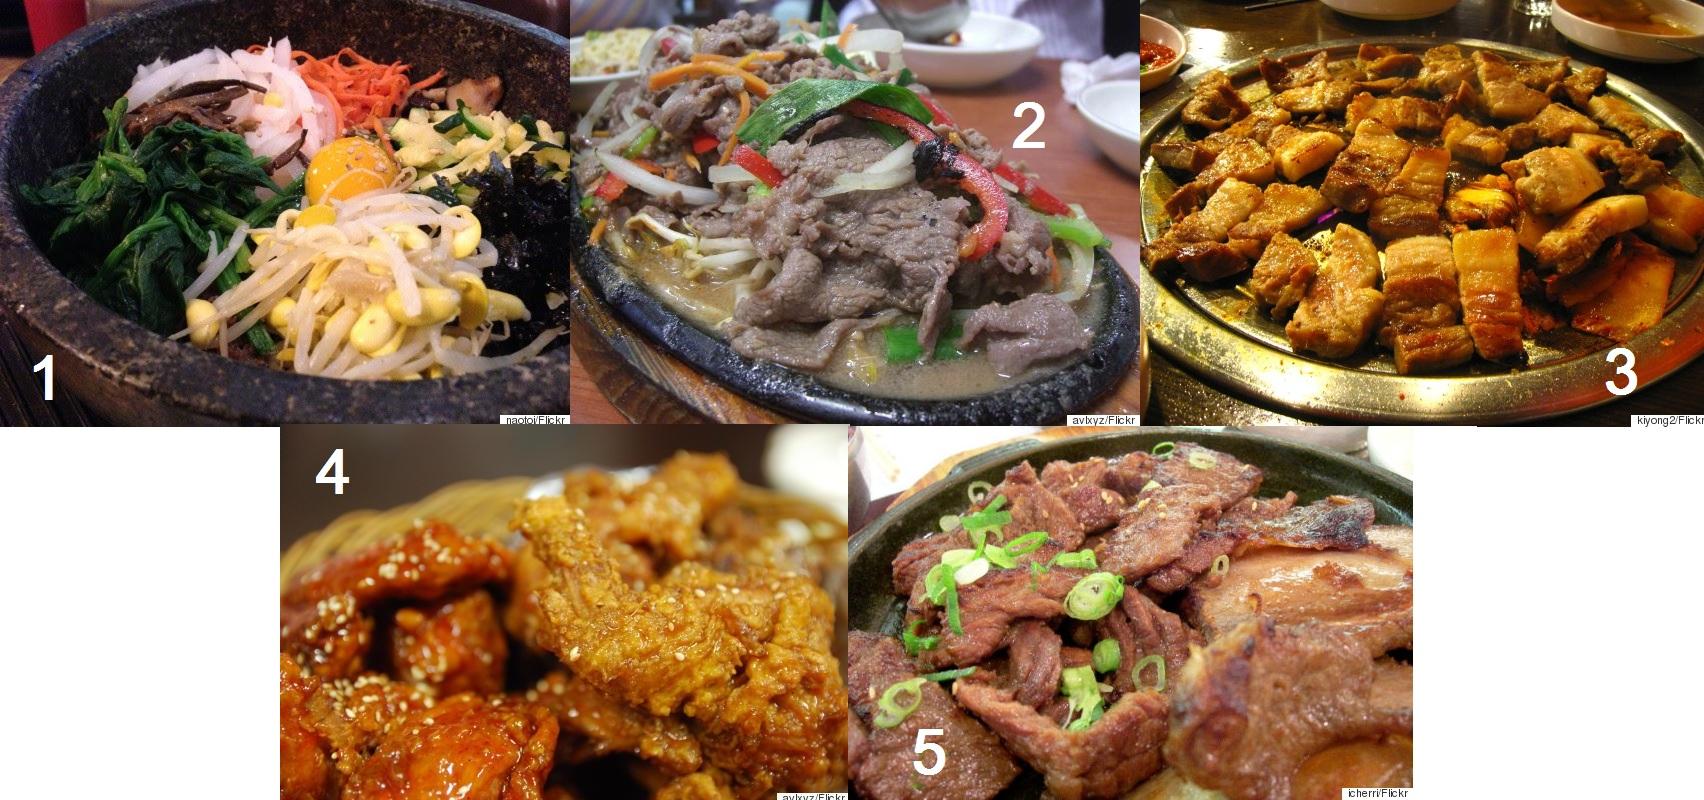 How to cook [5 best Korean foods]